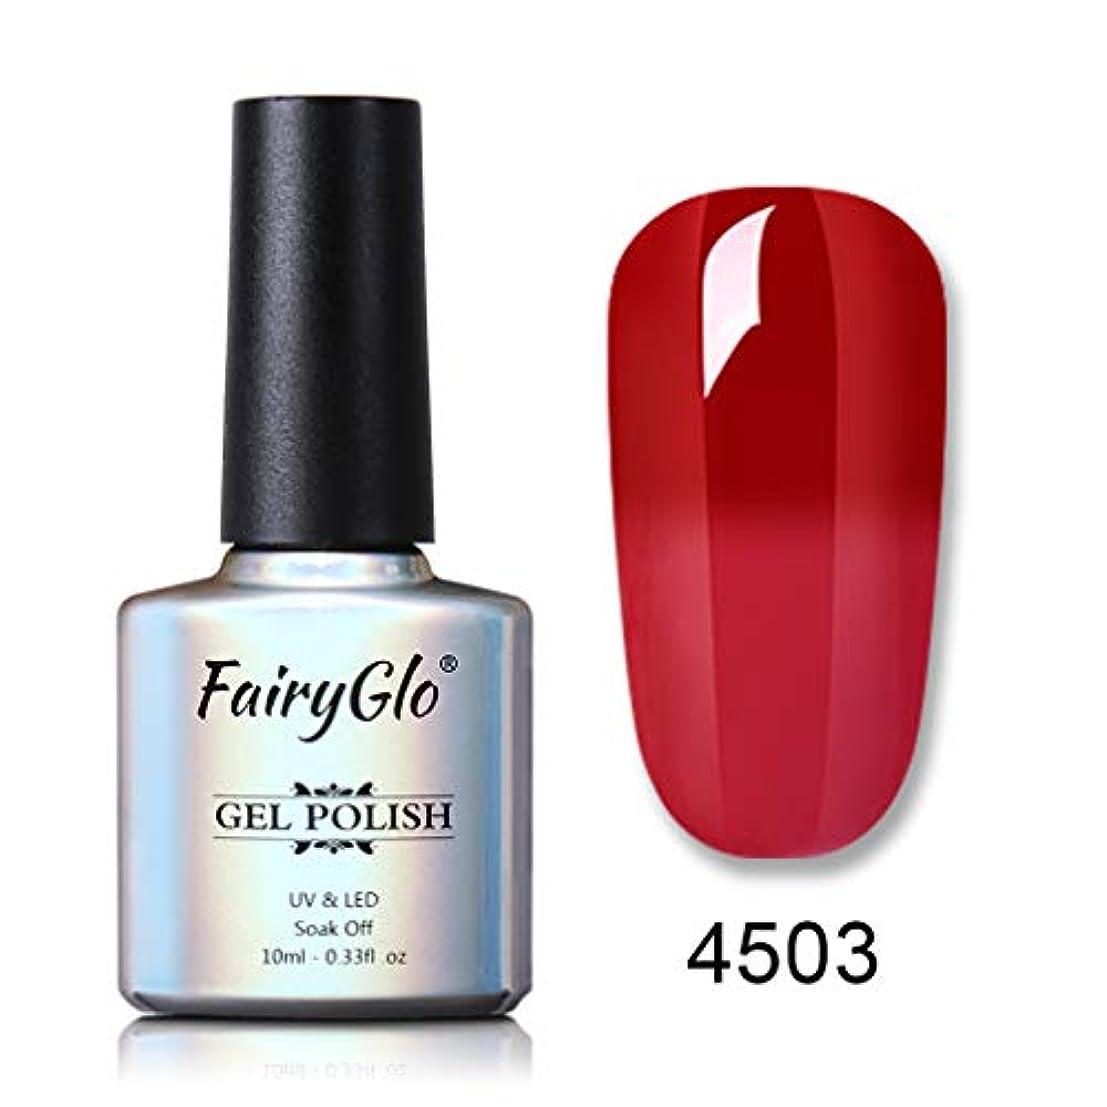 Fairyglo ジェルネイル カラージェル ワインレッド カメレオンカラージェル 温度により色が変化 UV/LED対応 1色入り 10ML 【全6色選択可】